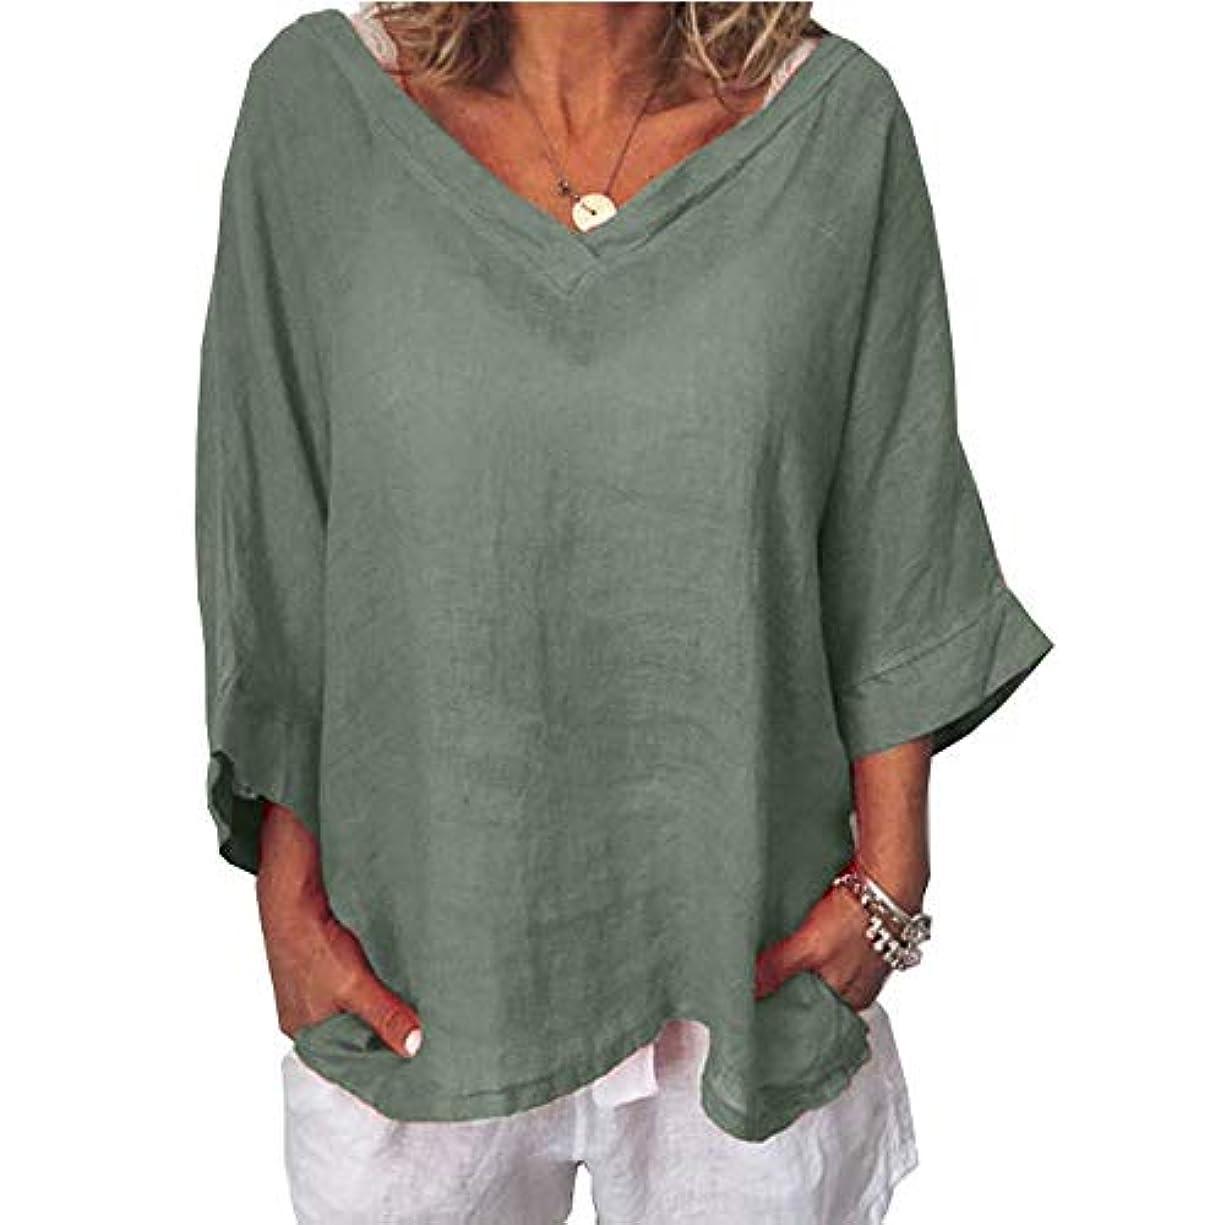 夫明らか普遍的なMIFAN女性ファッションカジュアルVネックトップス無地長袖Tシャツルーズボヘミアンビーチウェア